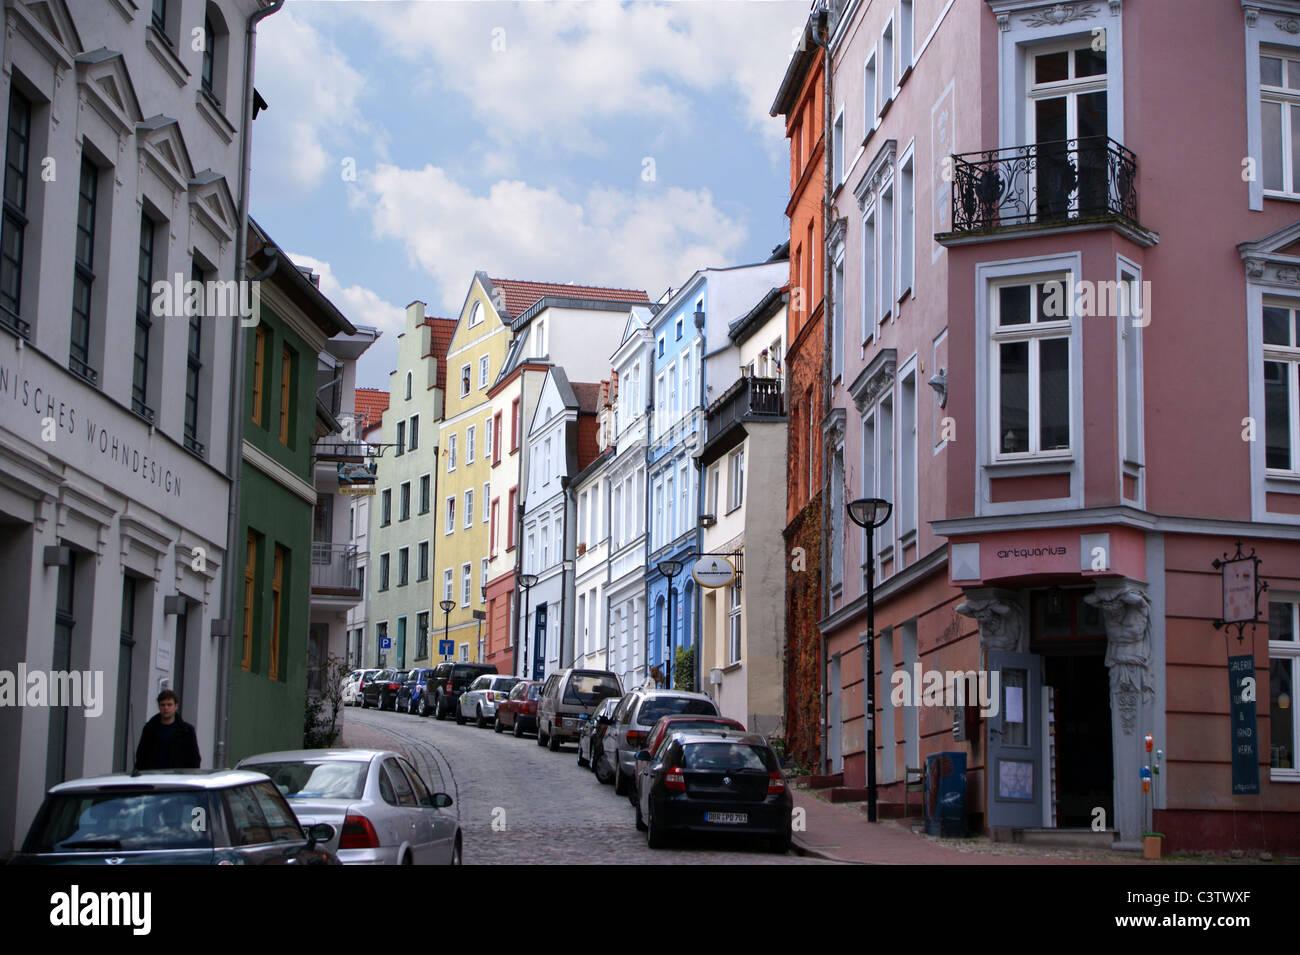 Hansa Rostock Stock Photos Hansa Rostock Stock Images Alamy